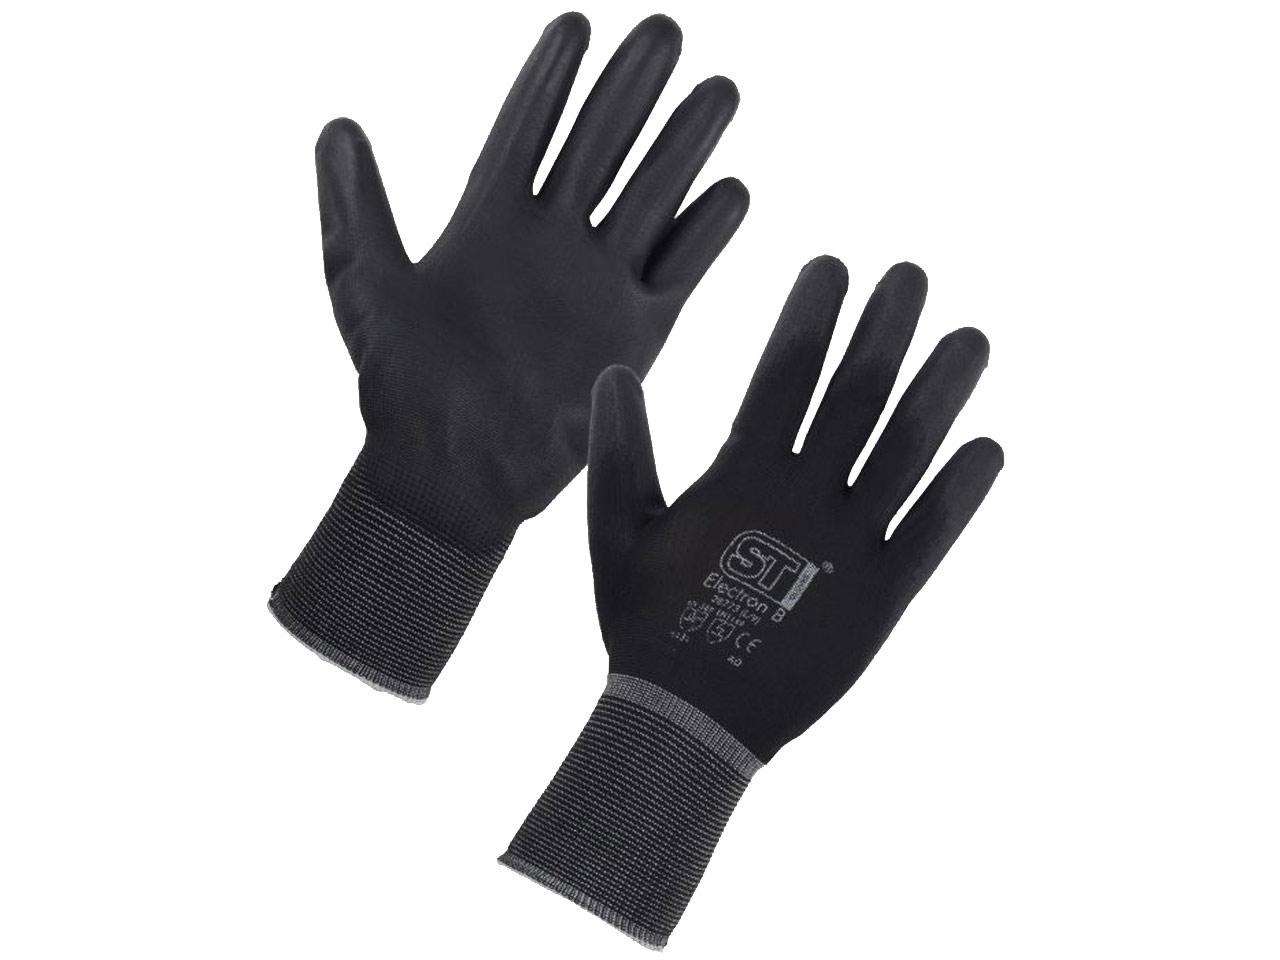 extra large Handmax Atlanta 10 XLPK 6 FFX Atlanta noir PU gants taille 10 x 6